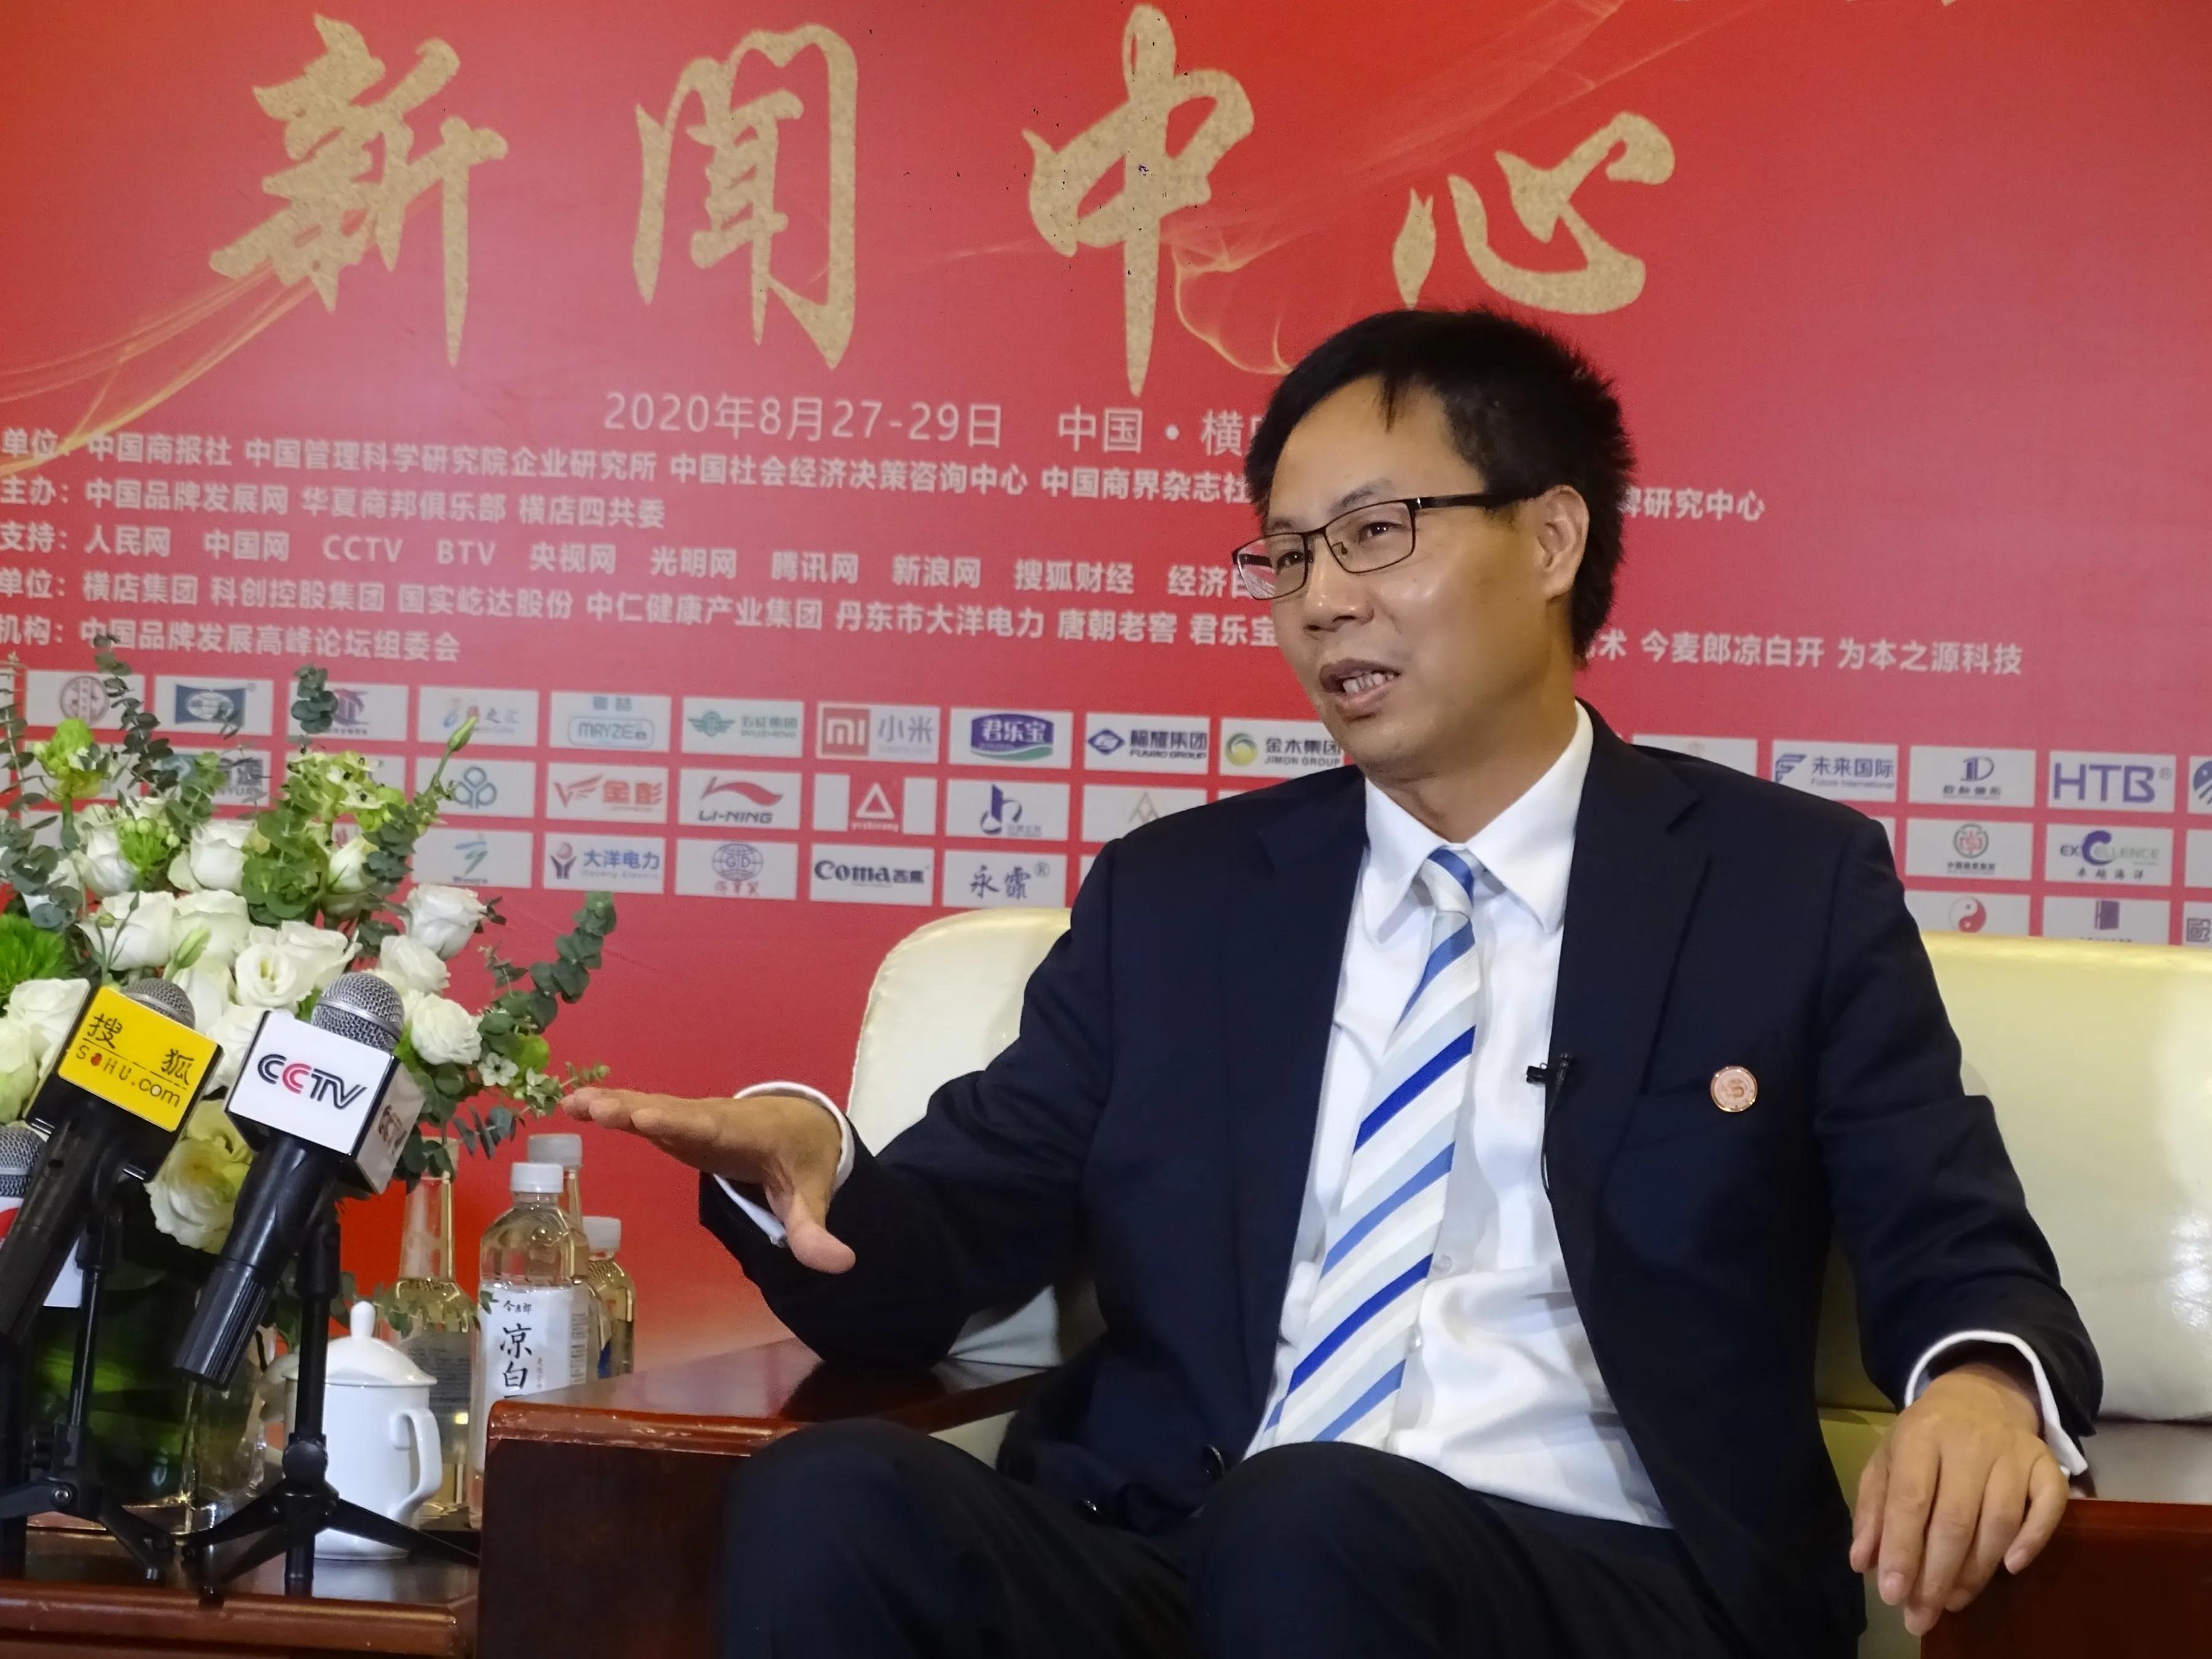 中国著名企业家叶志聪将出席2021博鳌亚洲论坛年会